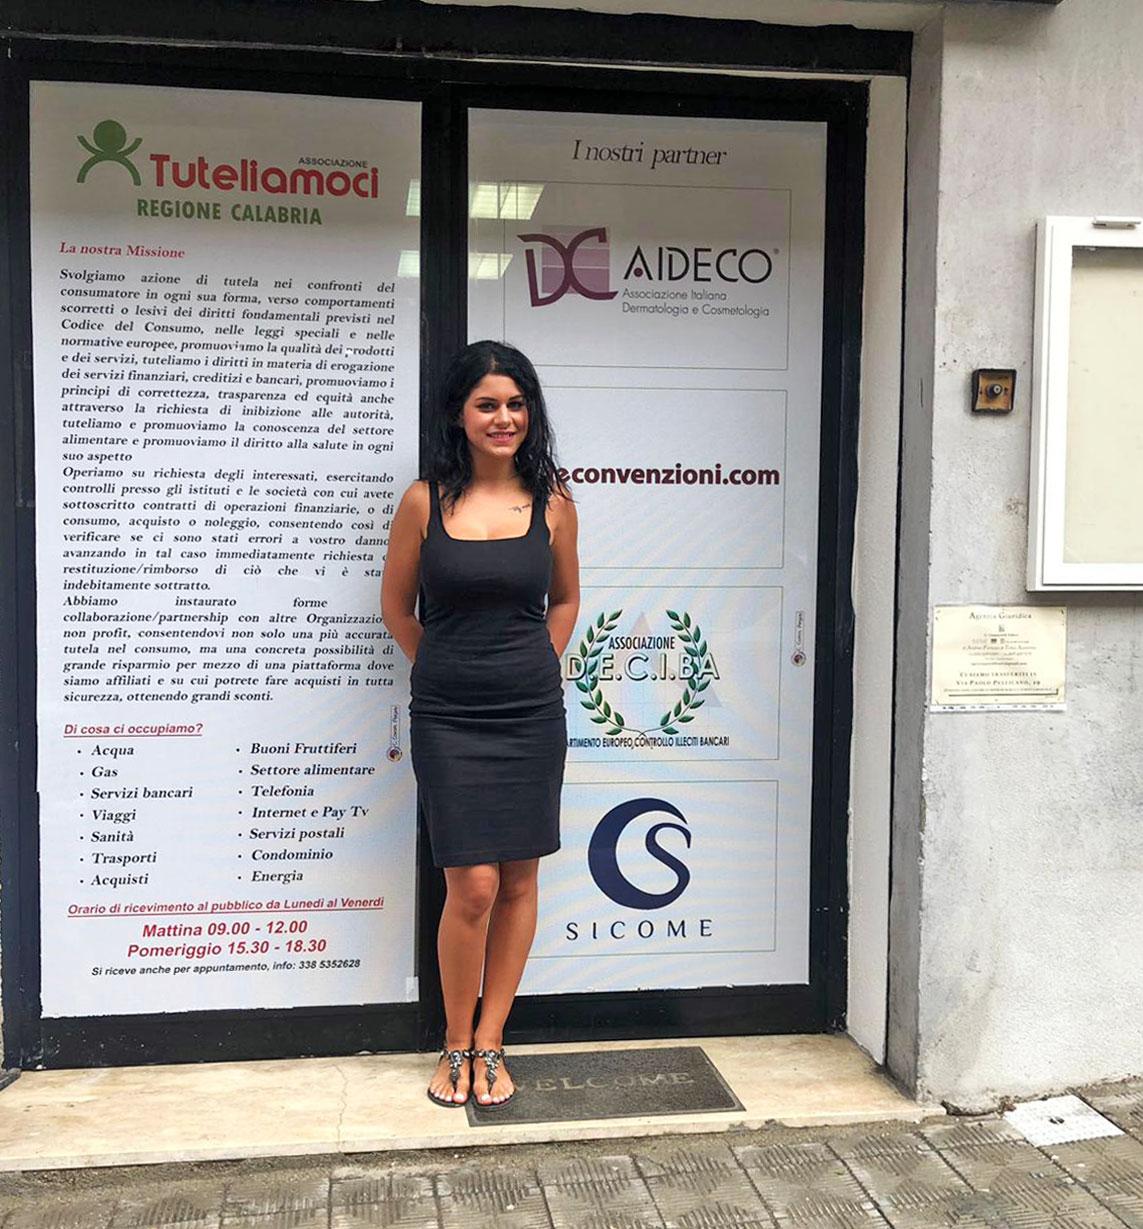 La nuova sede per la Calabria dell'associazione Tuteliamoci